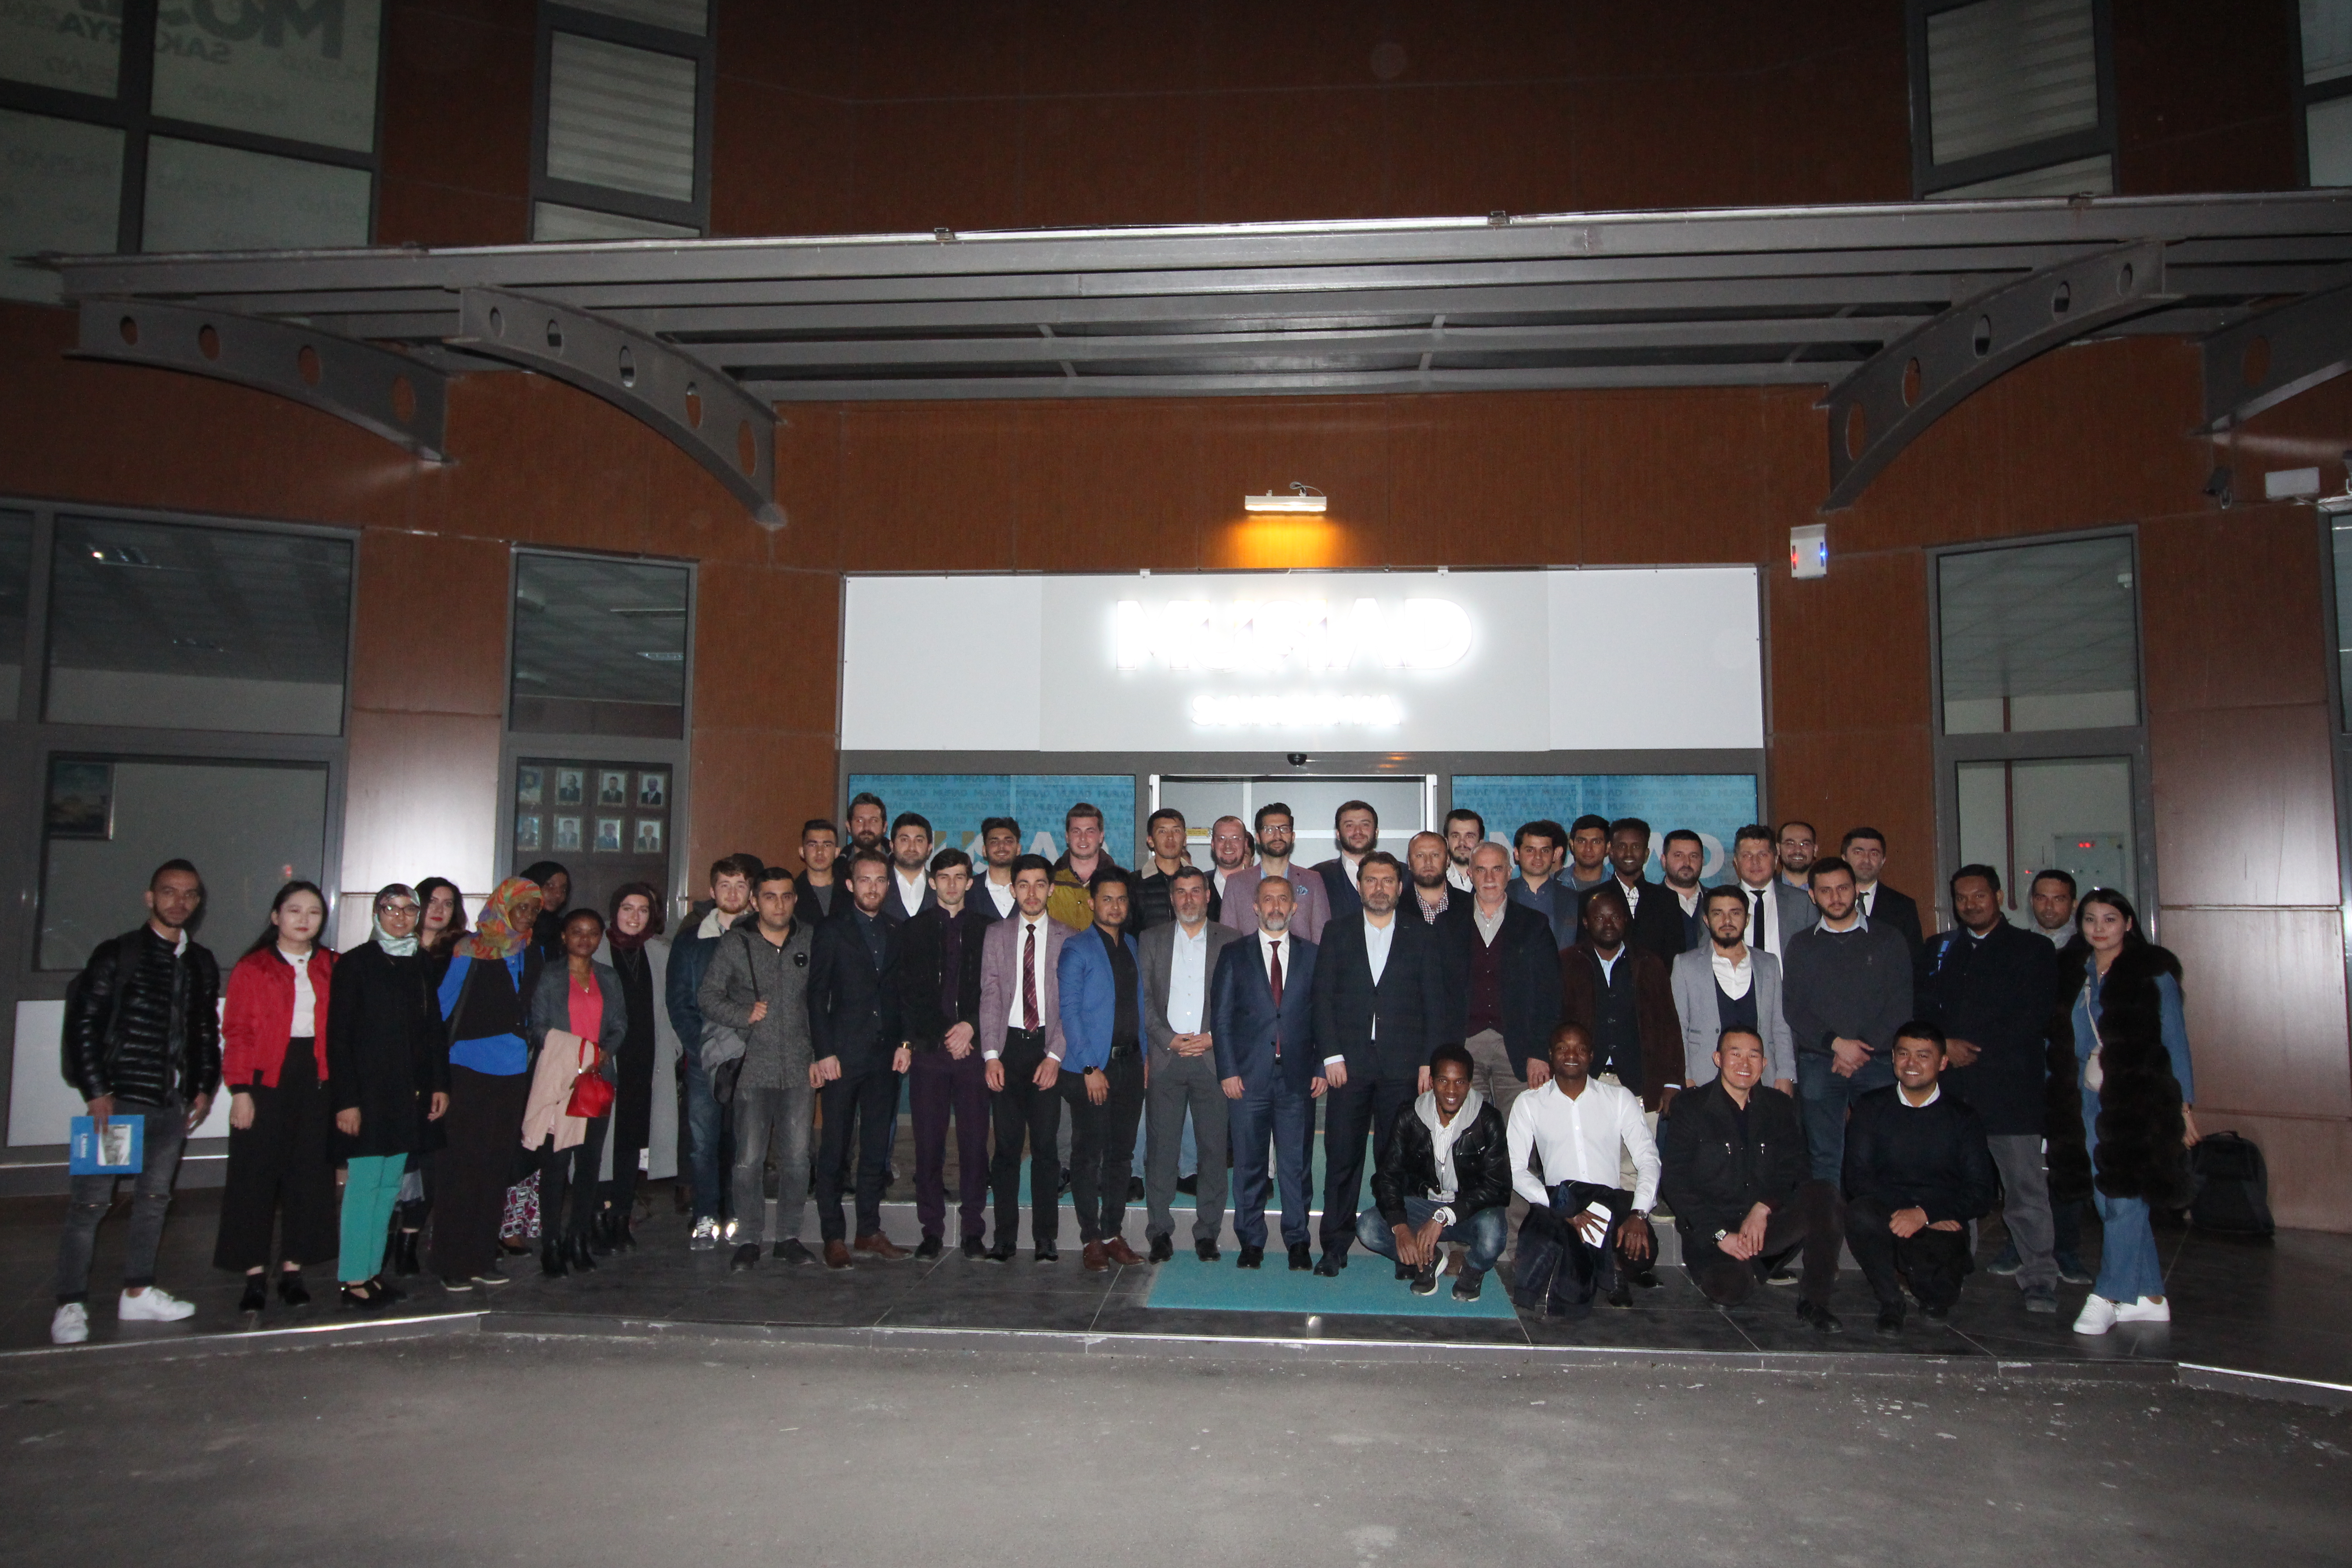 MÜSİAD'tan Uluslararası Öğrencilere Anlamlı Program